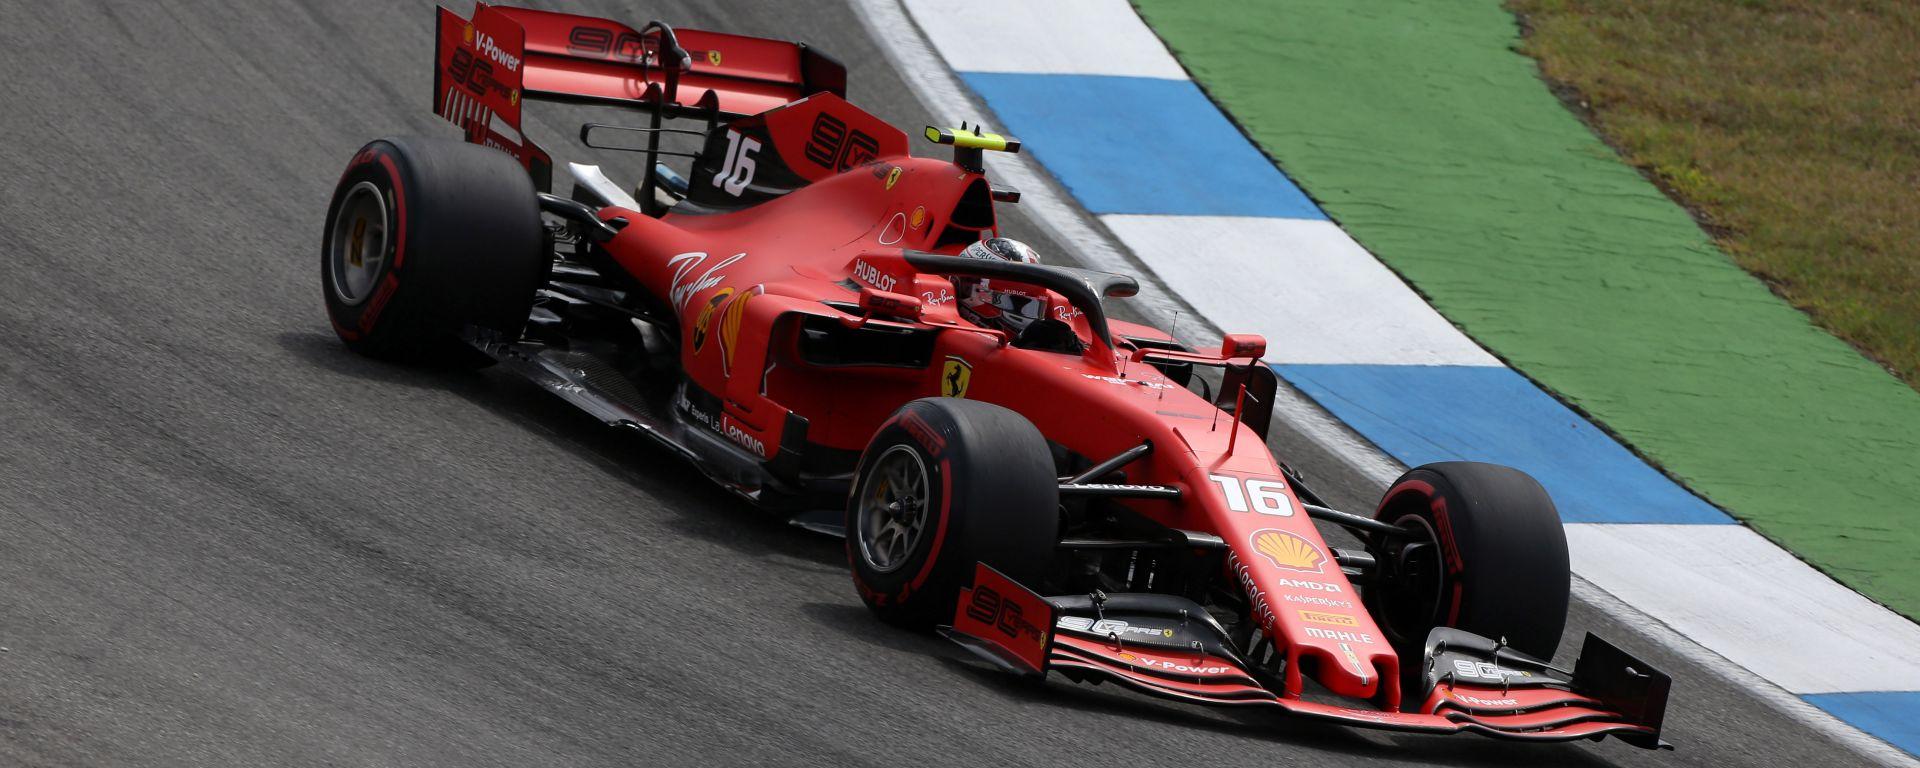 F1 GP Germania 2019, Charles Leclerc (Ferrari) durante le positive prove libere